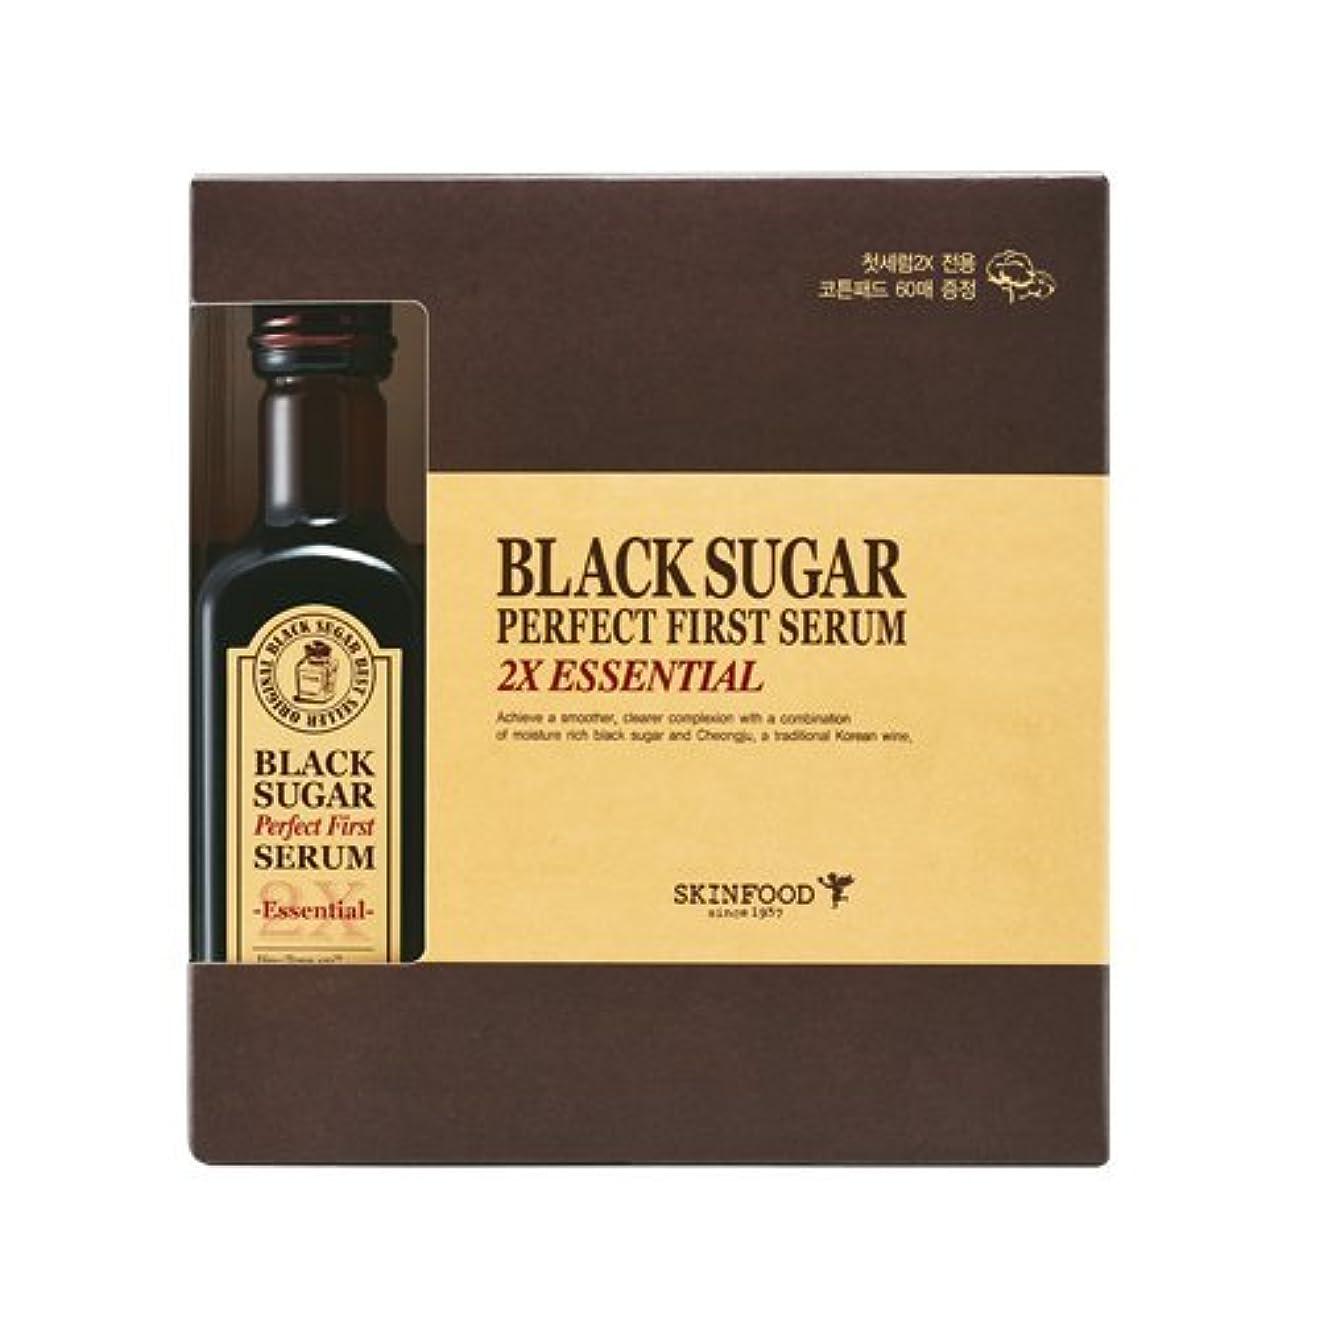 省左ドキュメンタリー(SKINFOOD スキンフード)Black Sugar Perfect First Serum 2X ?essential- ブラックシュガー パーフェクトファーストセラム2X skin-brightening and...